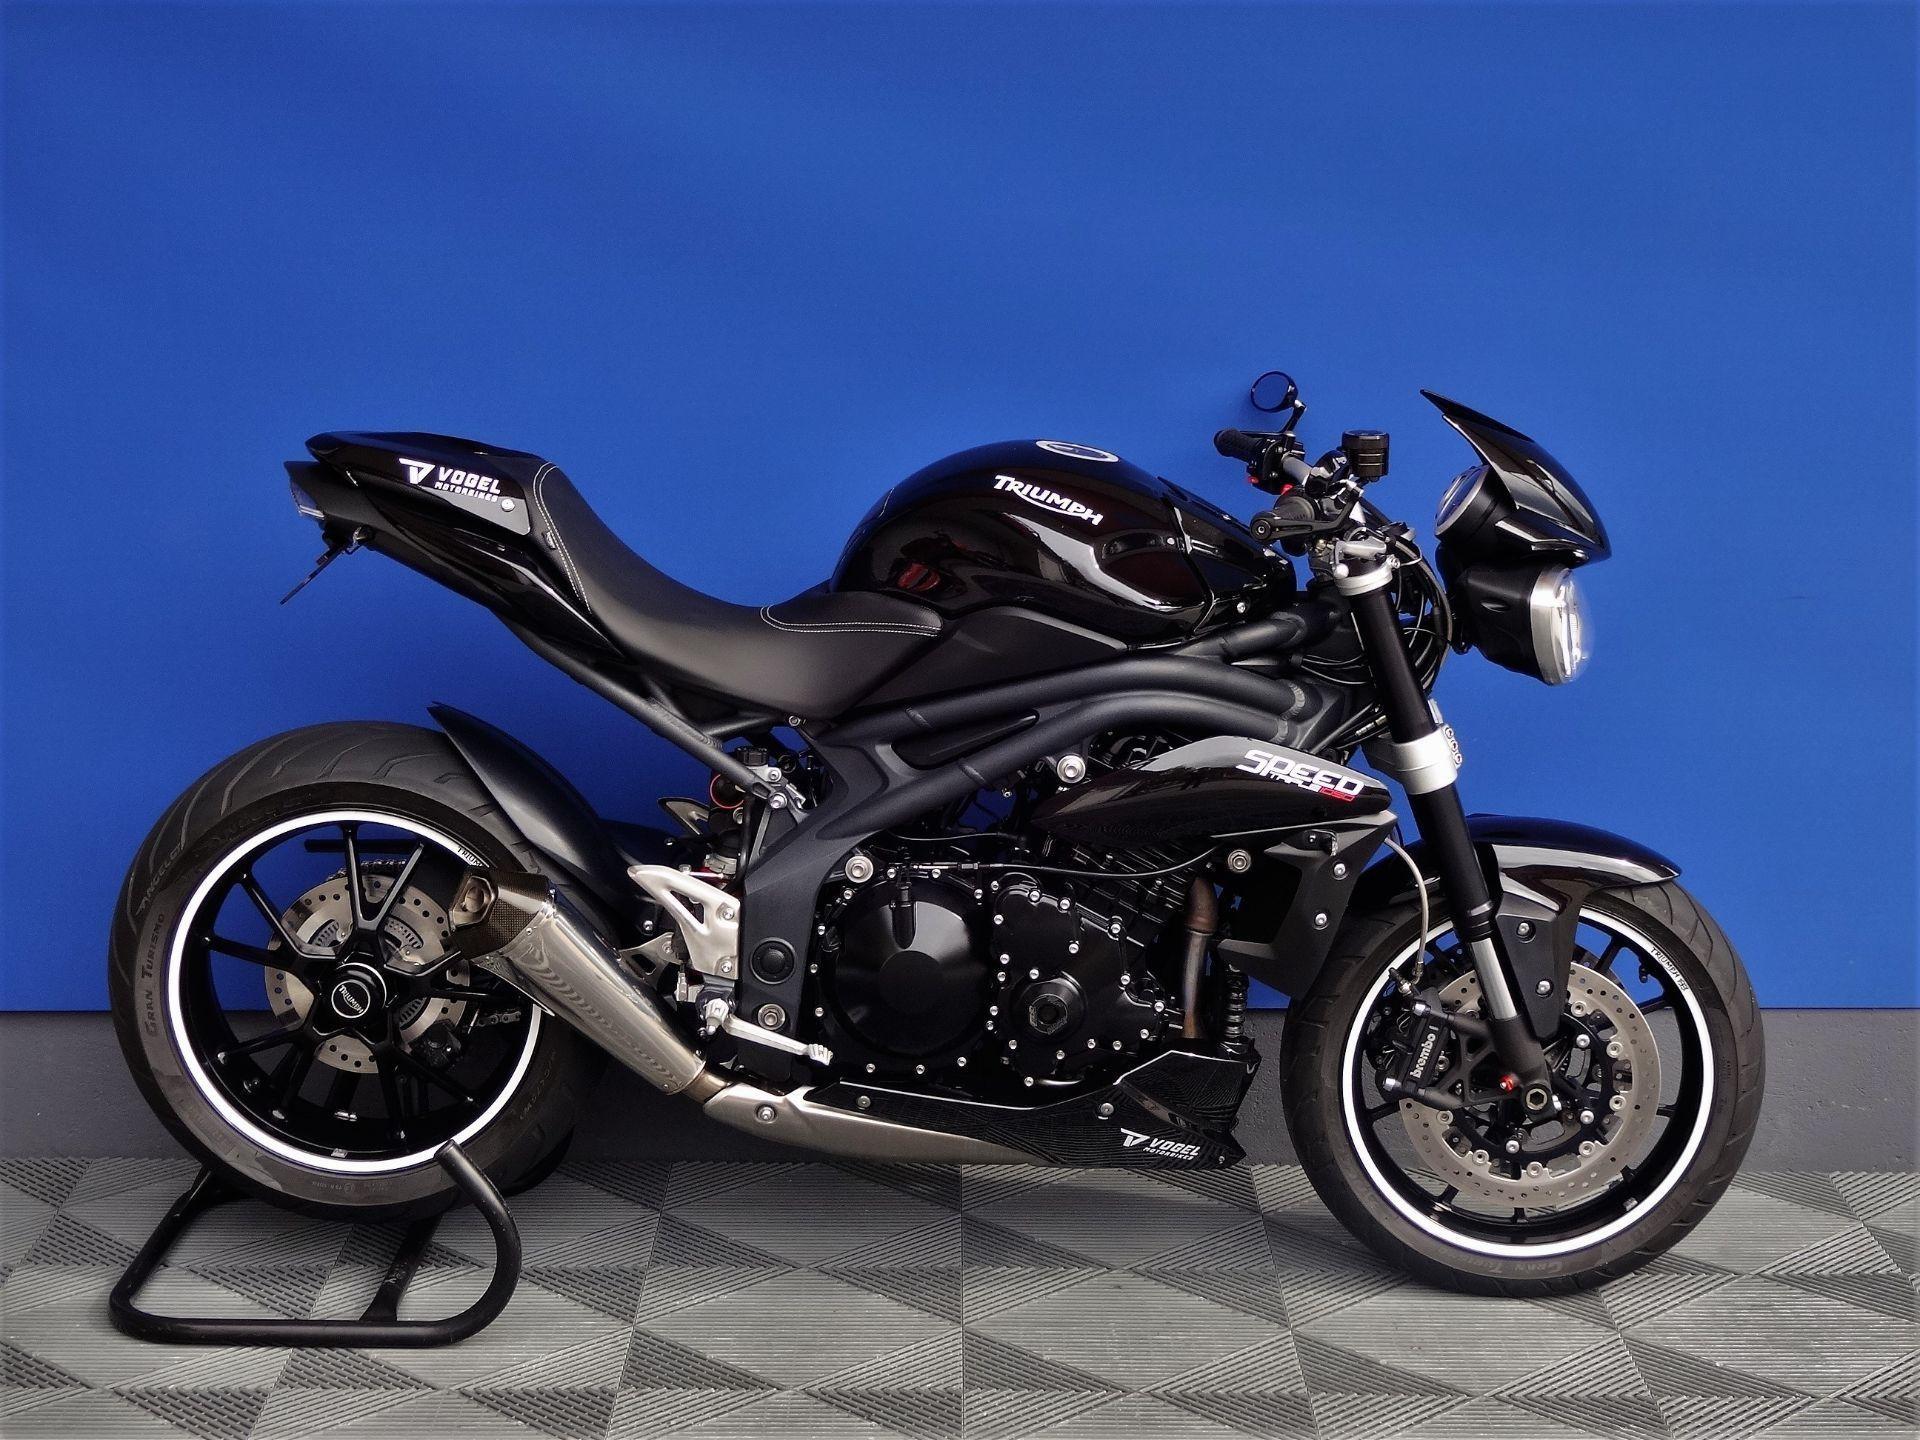 motorrad occasion kaufen triumph speed triple 1050 remus vogel motorbikes sch pfheim. Black Bedroom Furniture Sets. Home Design Ideas